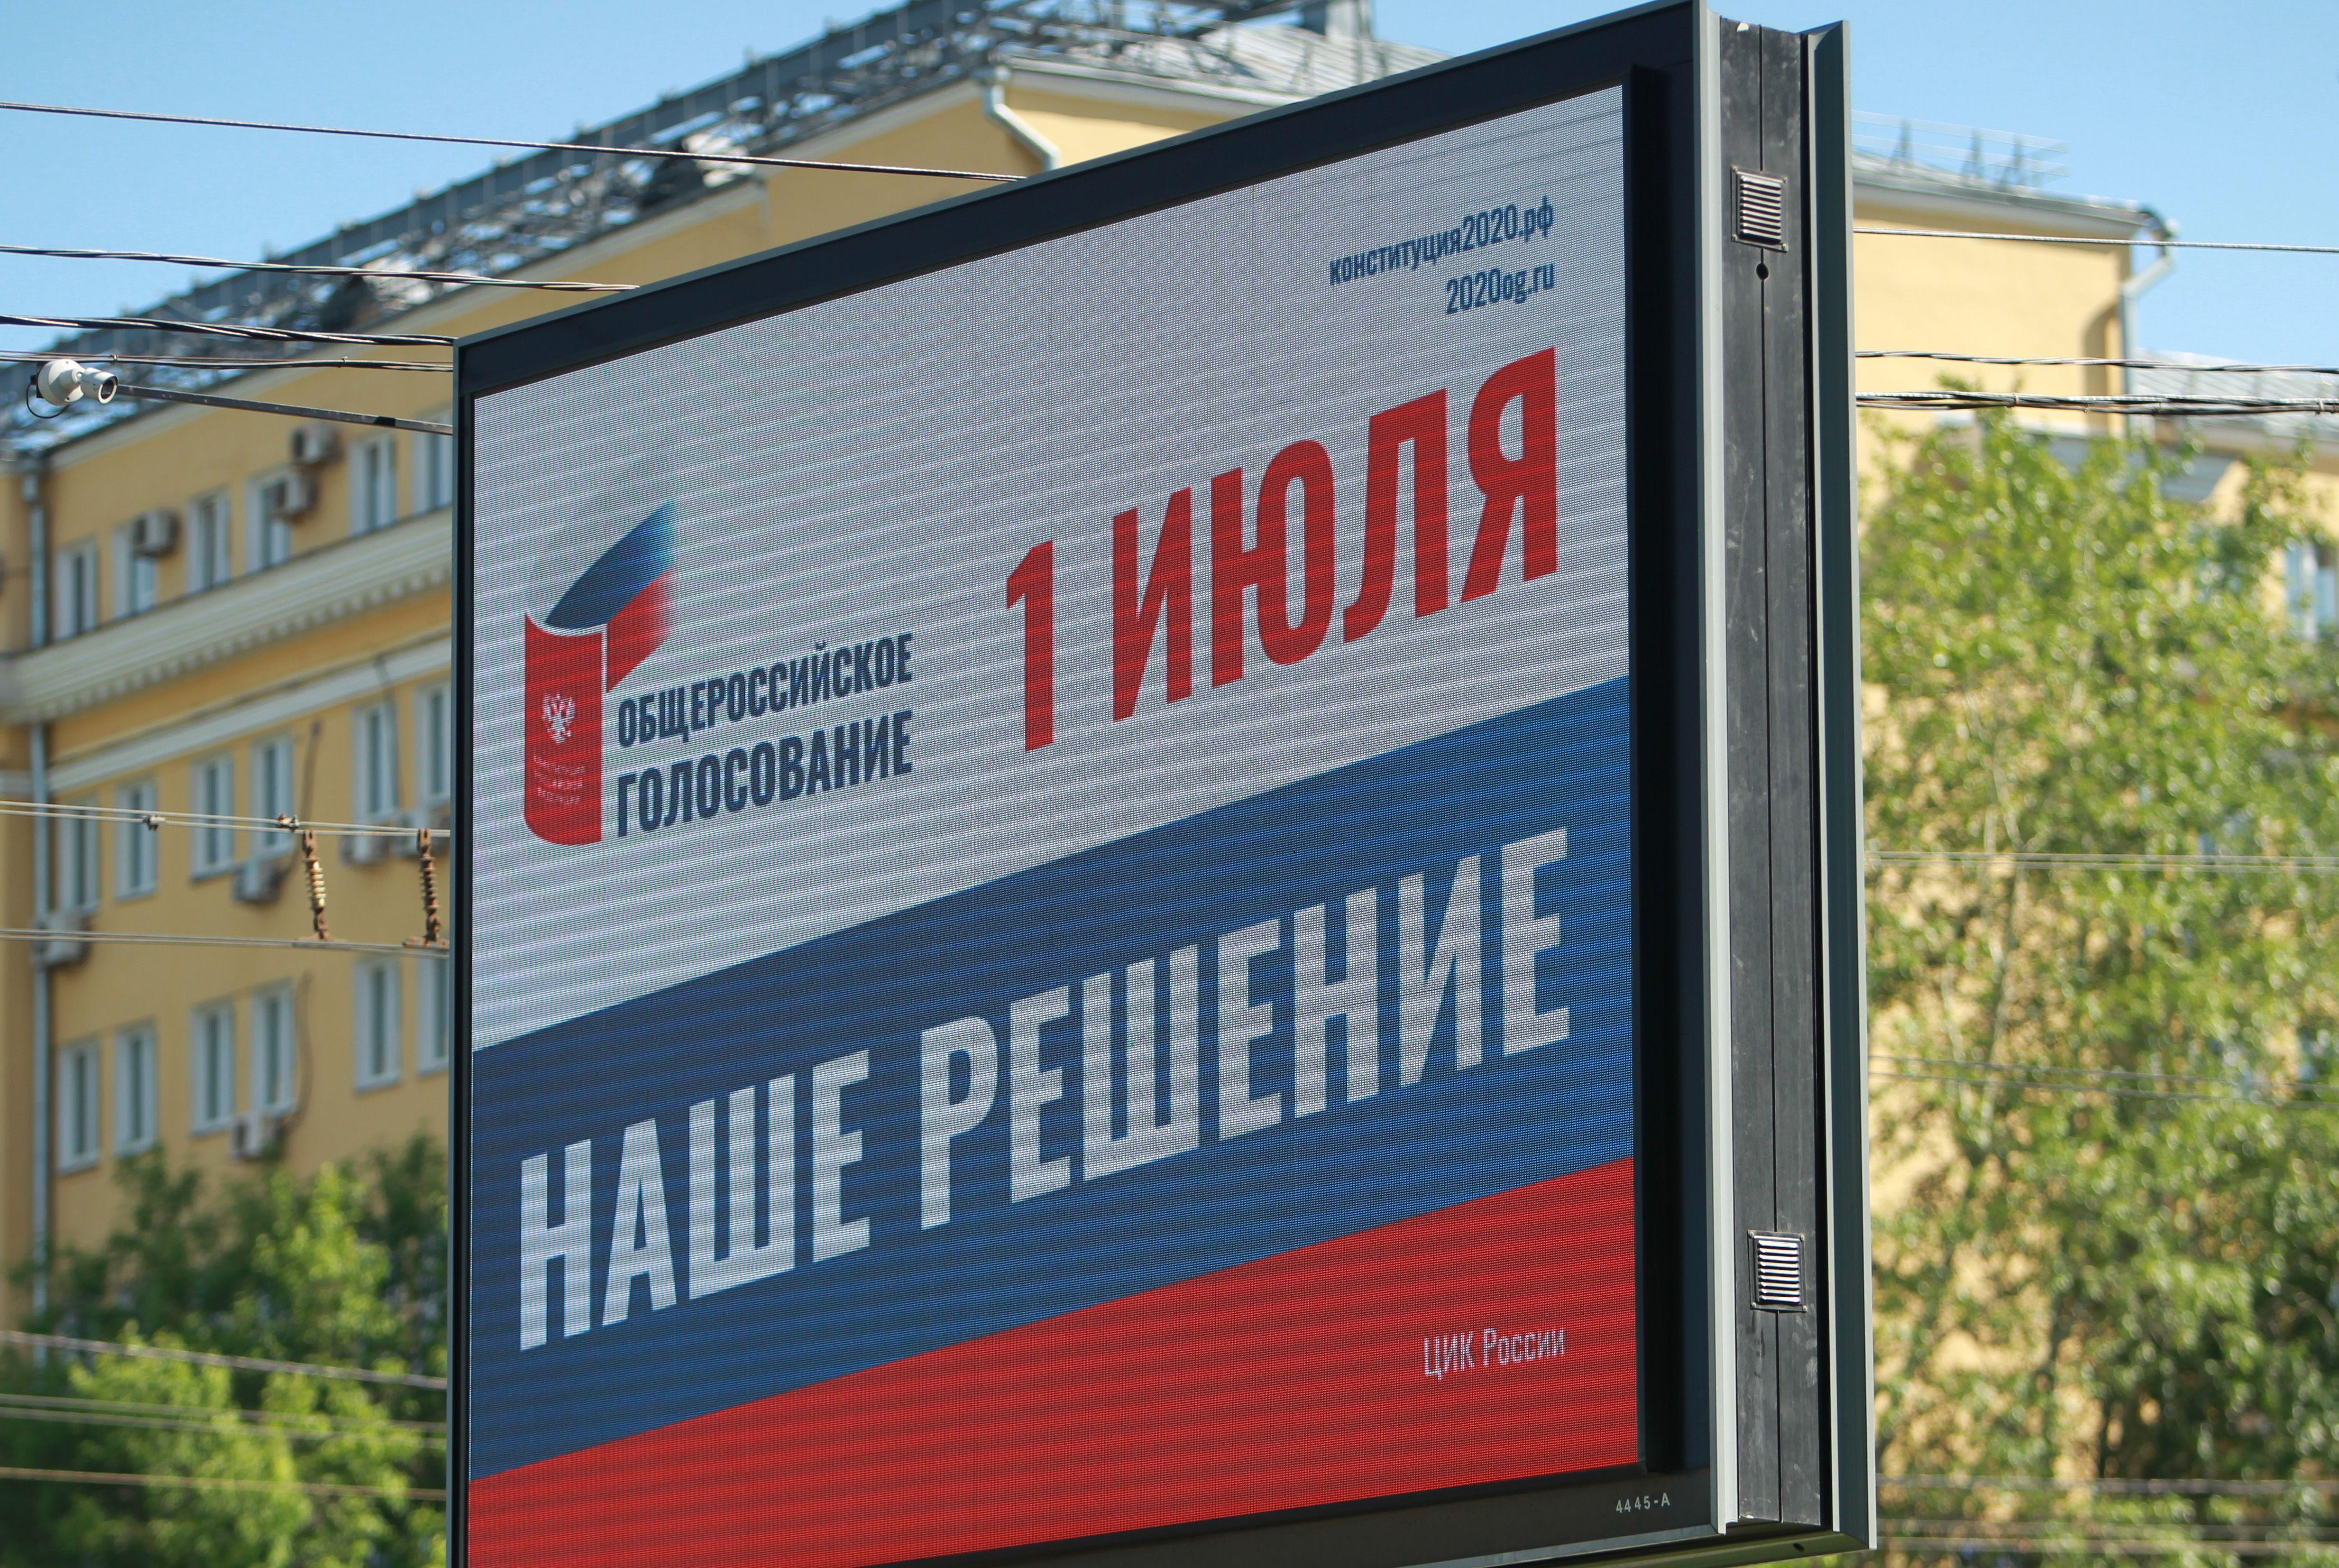 Международные эксперты дали высокую оценку организации голосования